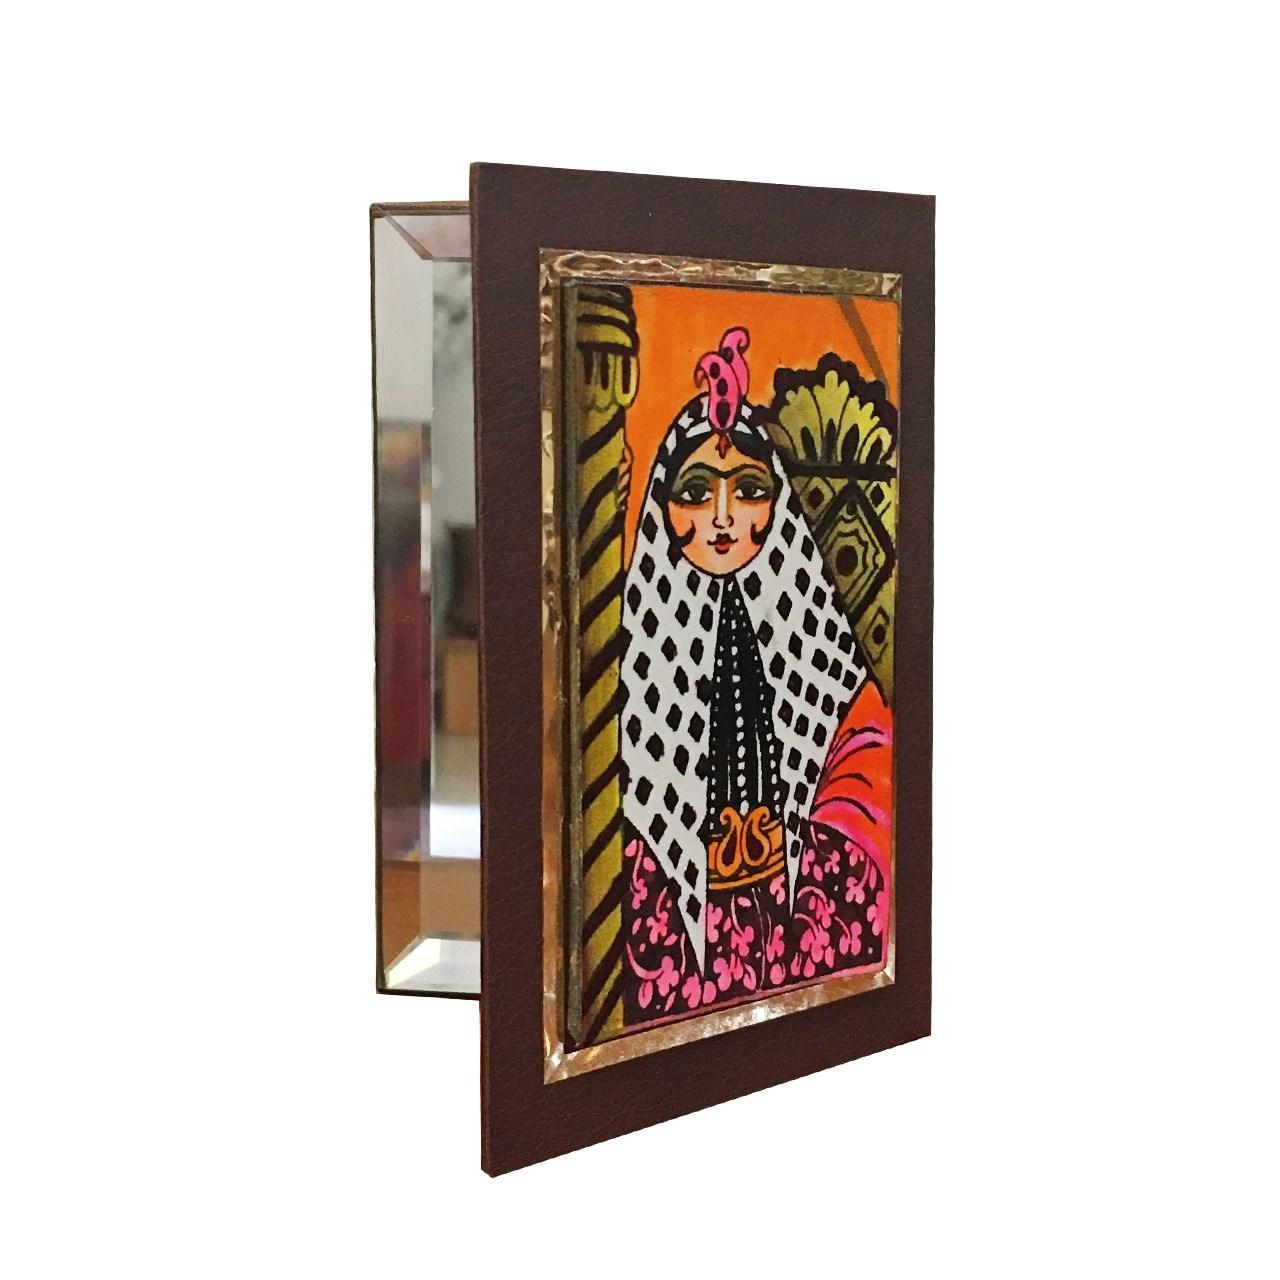 عکس آینه جیبی چرمی گالری نفیس کد nz5